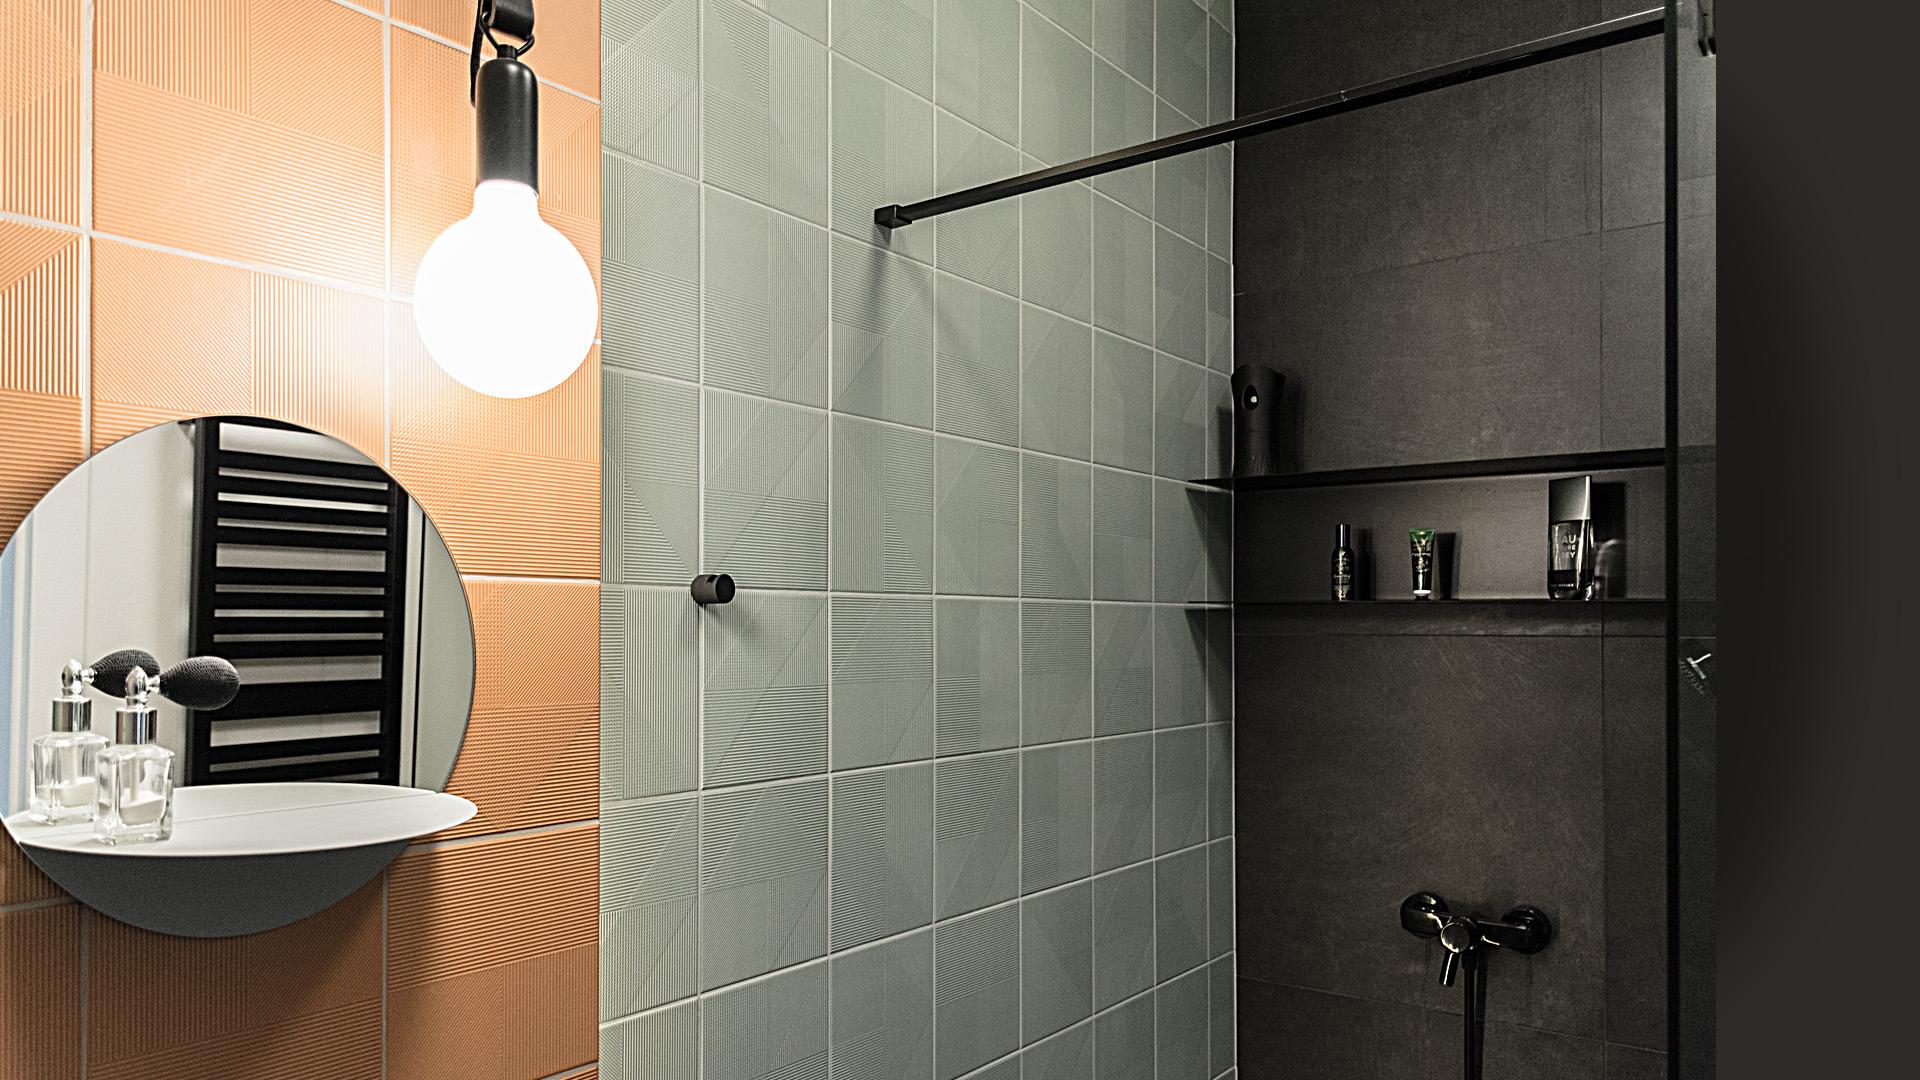 Ściana łazienki pokryta jest strukturalnymi płytkami w trzech modnych kolorach: dyniowym, miętowym i grafitowym.